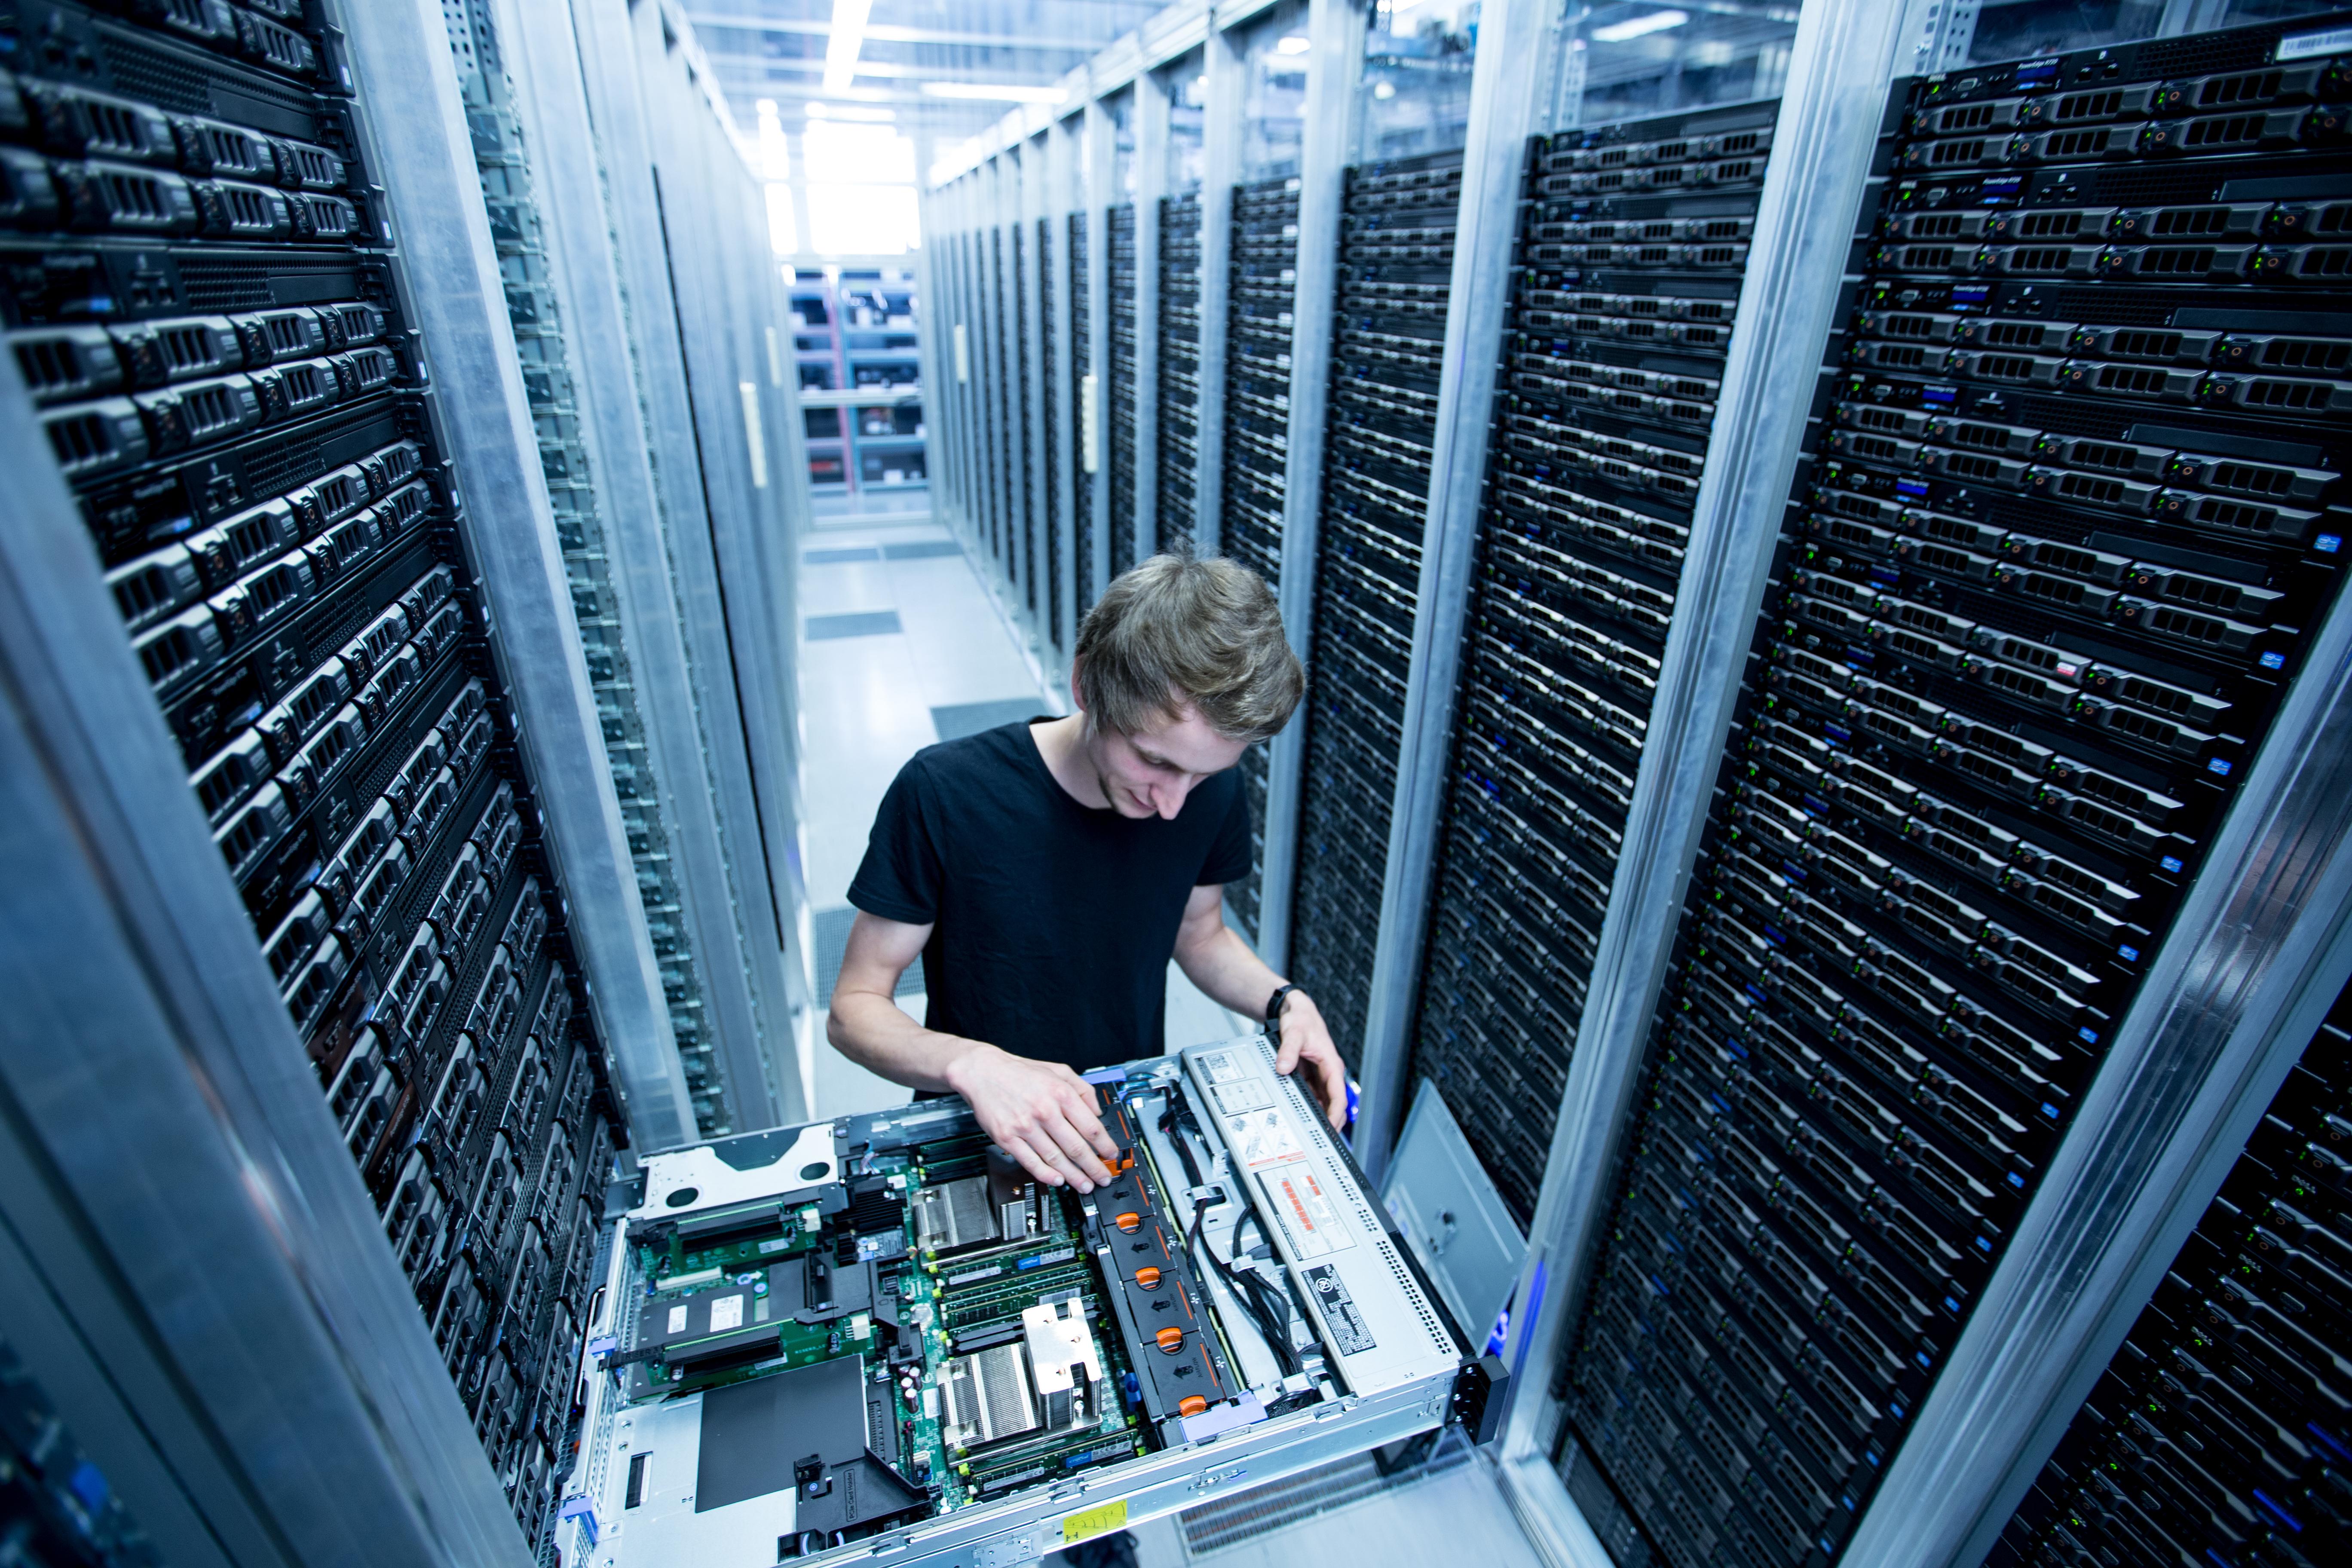 какой лучший хостинг для серверов